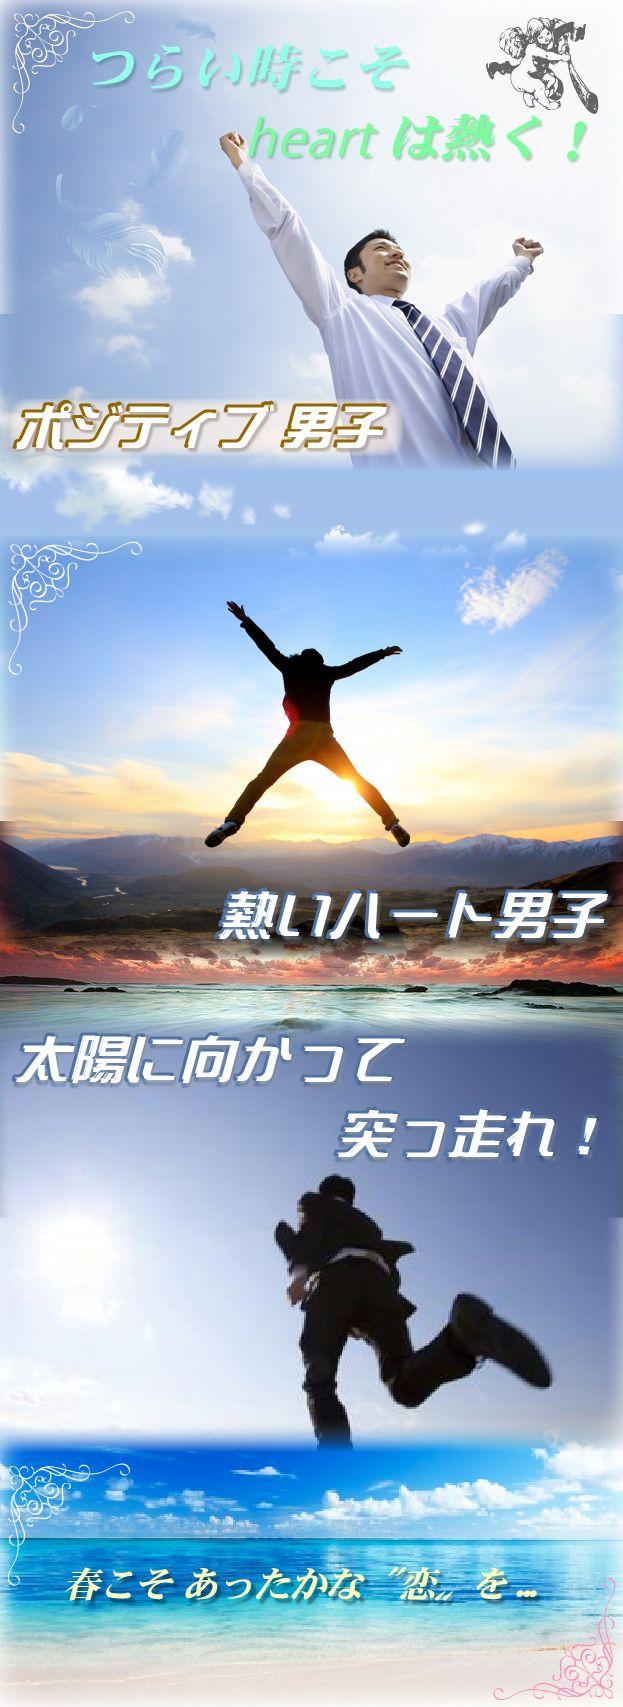 01_poji_haru